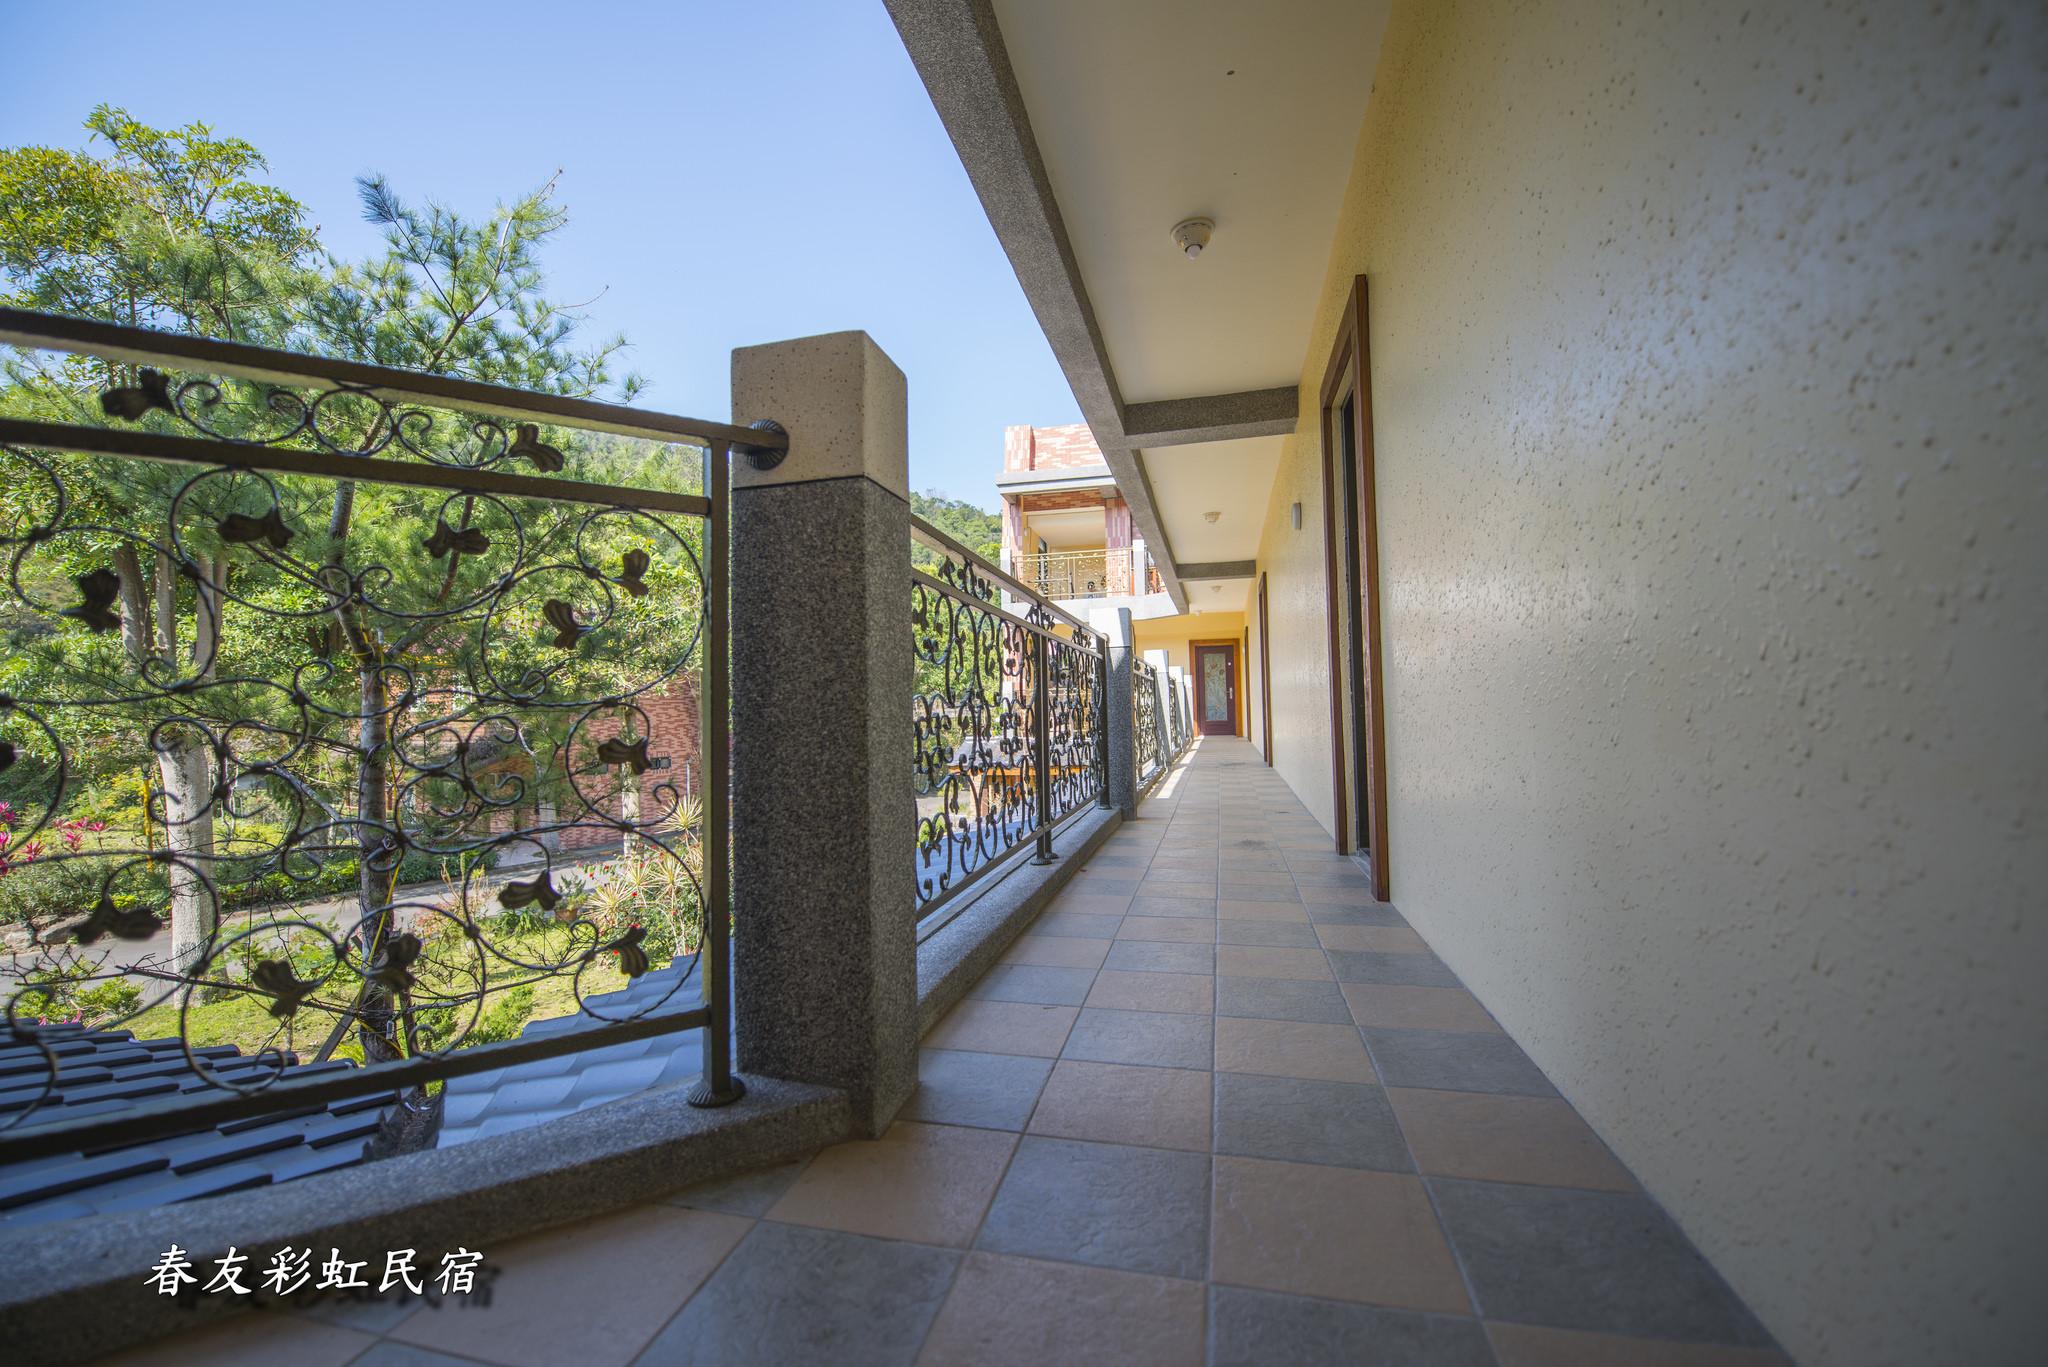 楓香四人廊道